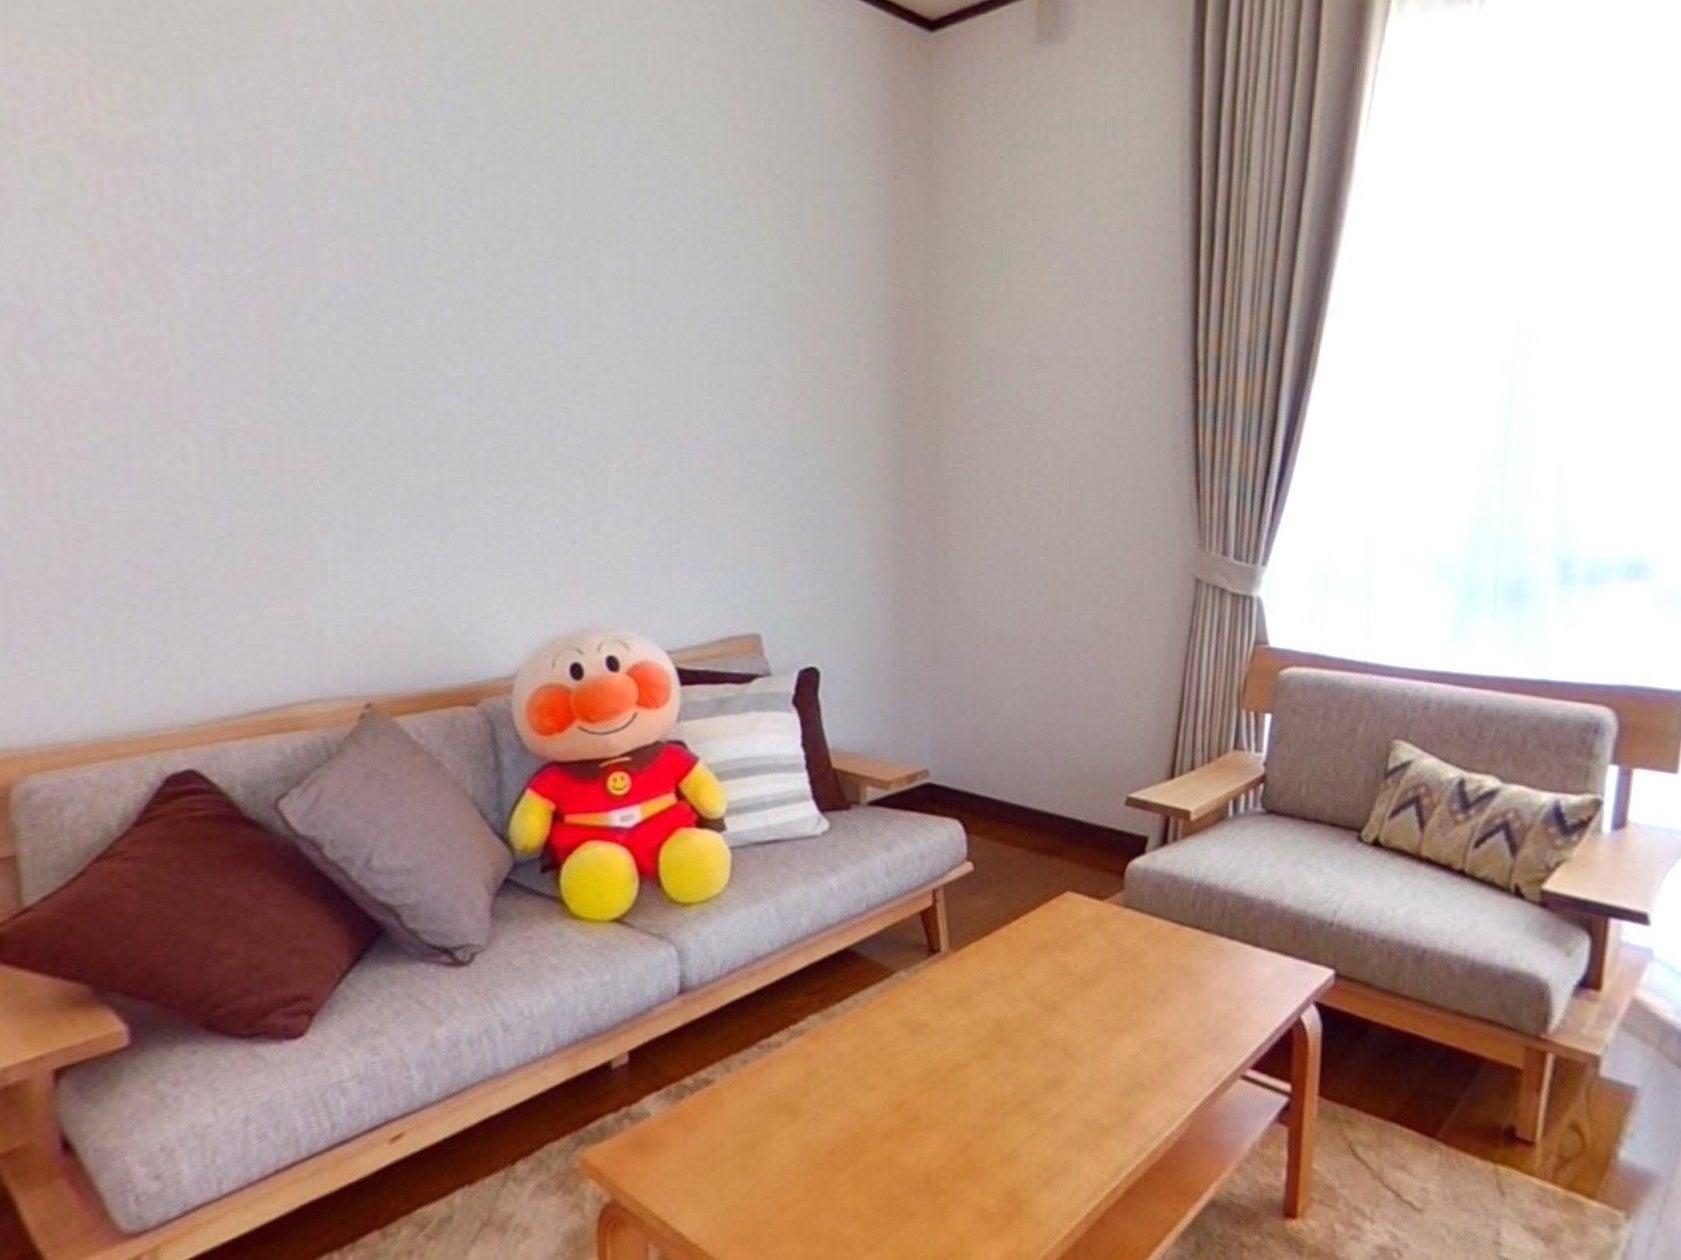 ゆったりとホームパーティができる戸建。道具持込でBBQも(WAKAYAMA HOUSE No.7) の写真0